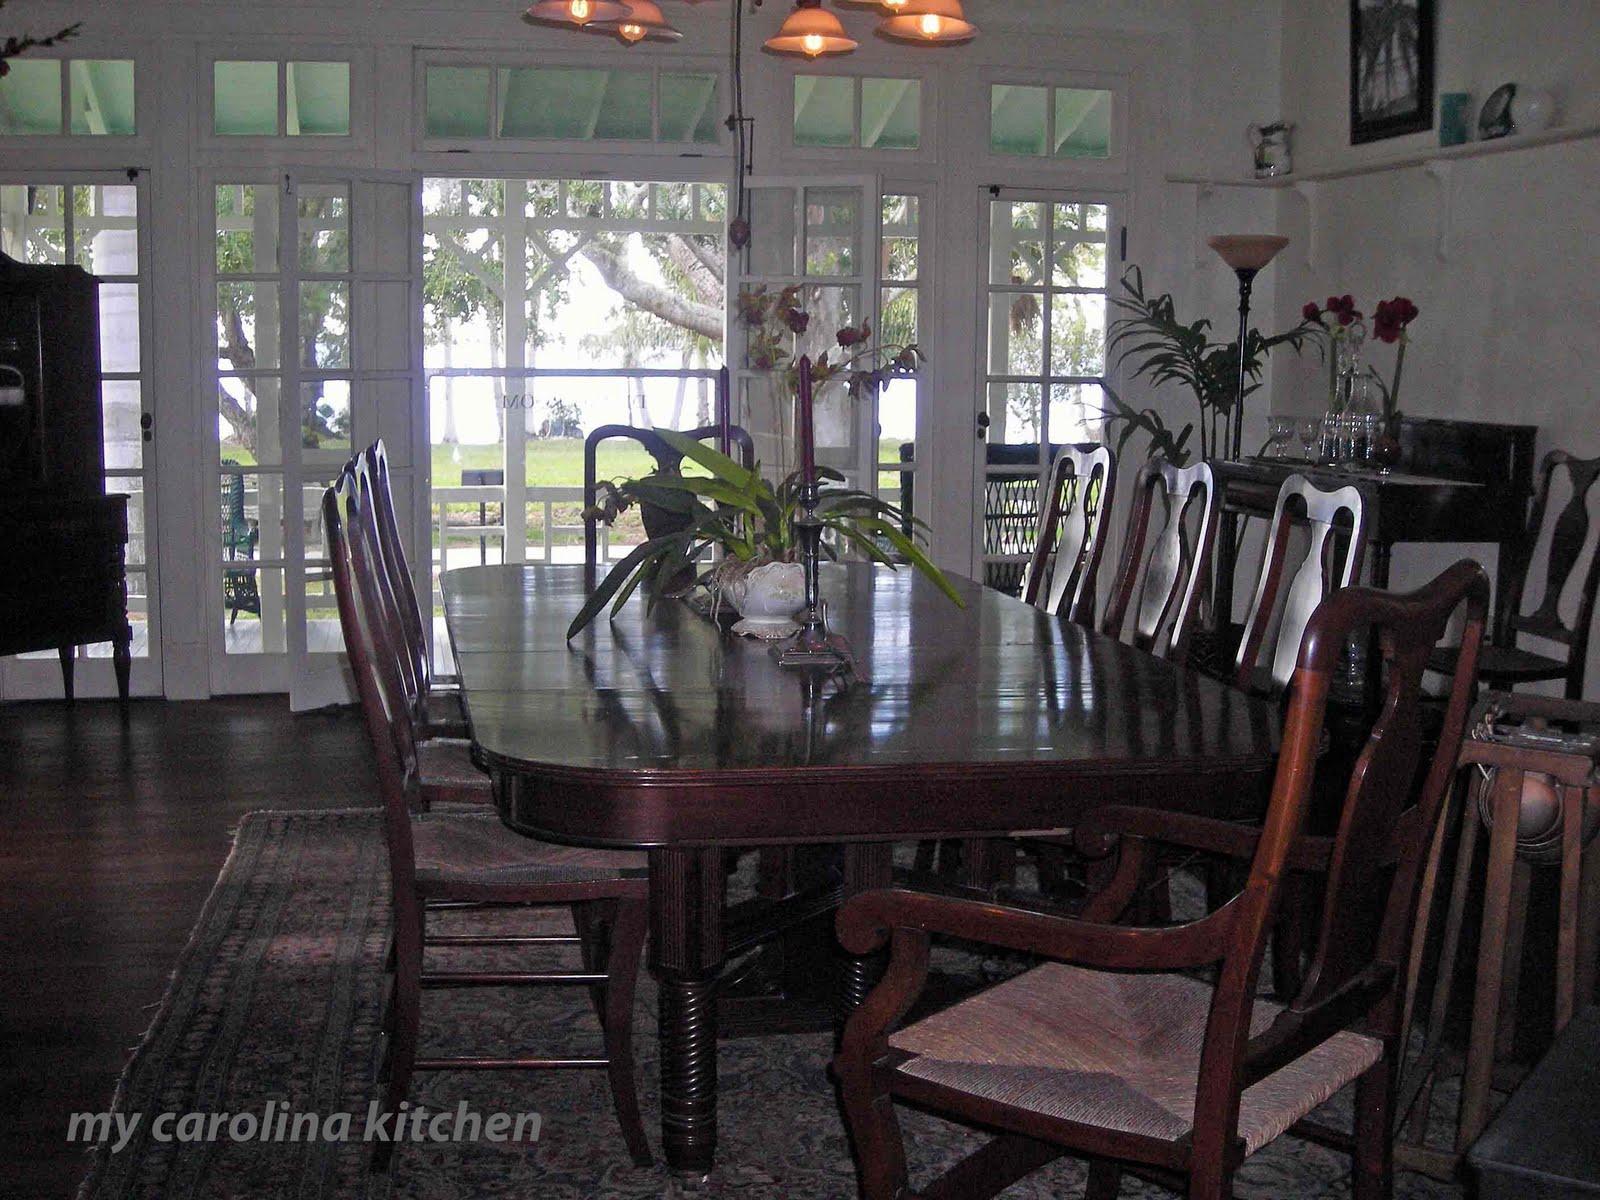 My carolina kitchen a tour of thomas edison s winter home for 2 kitchen ct edison nj